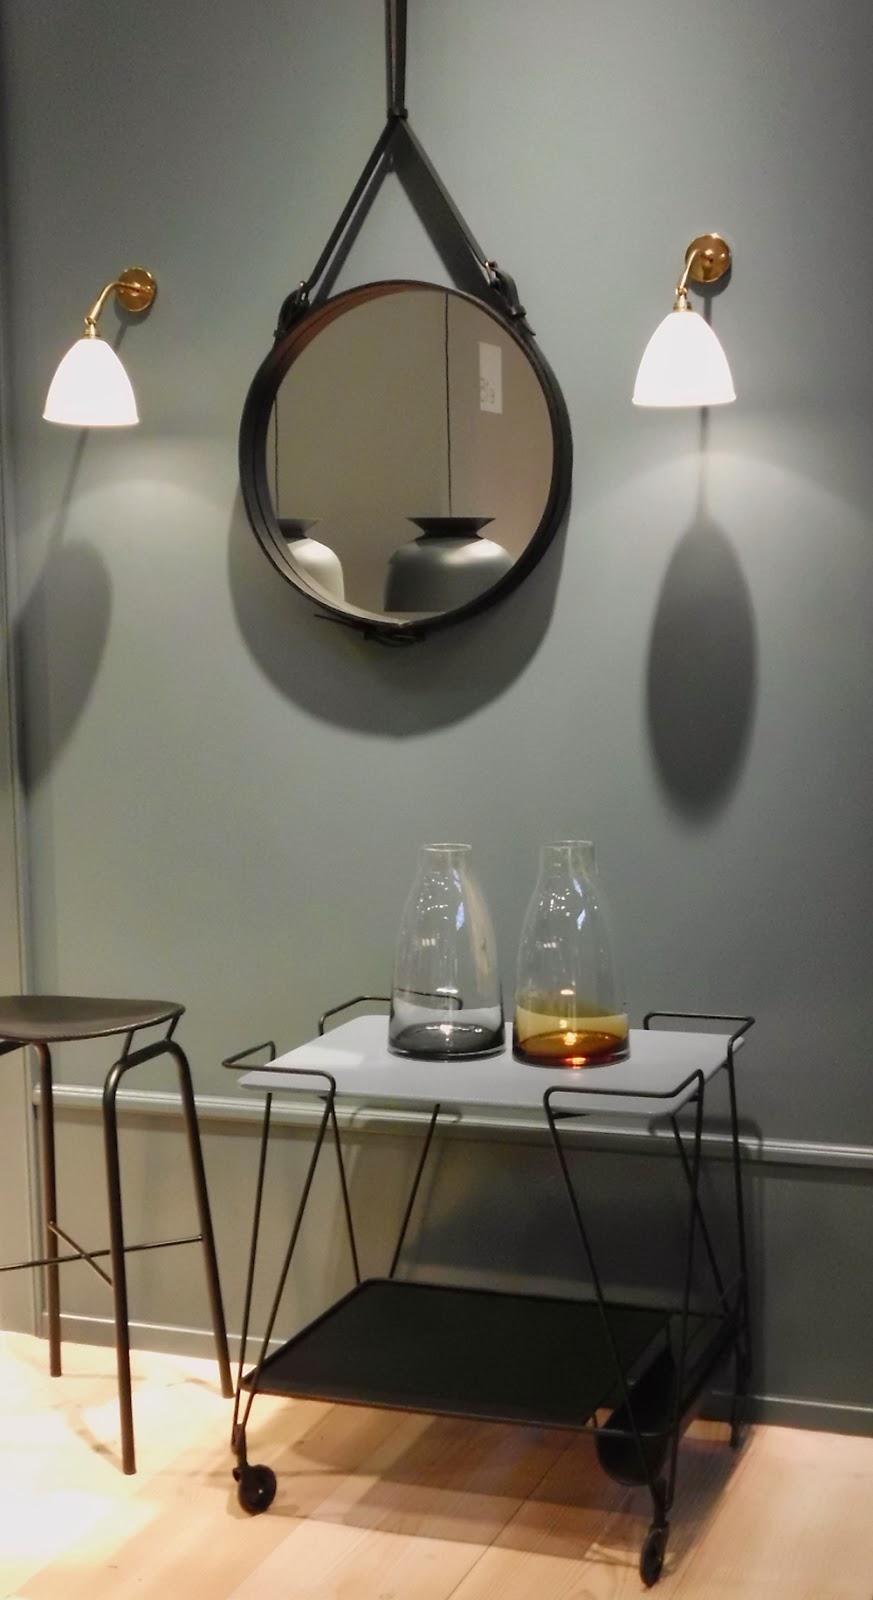 Gubi Leuchten die wohngalerie gubi der neue trendsetter in sachen designklassiker